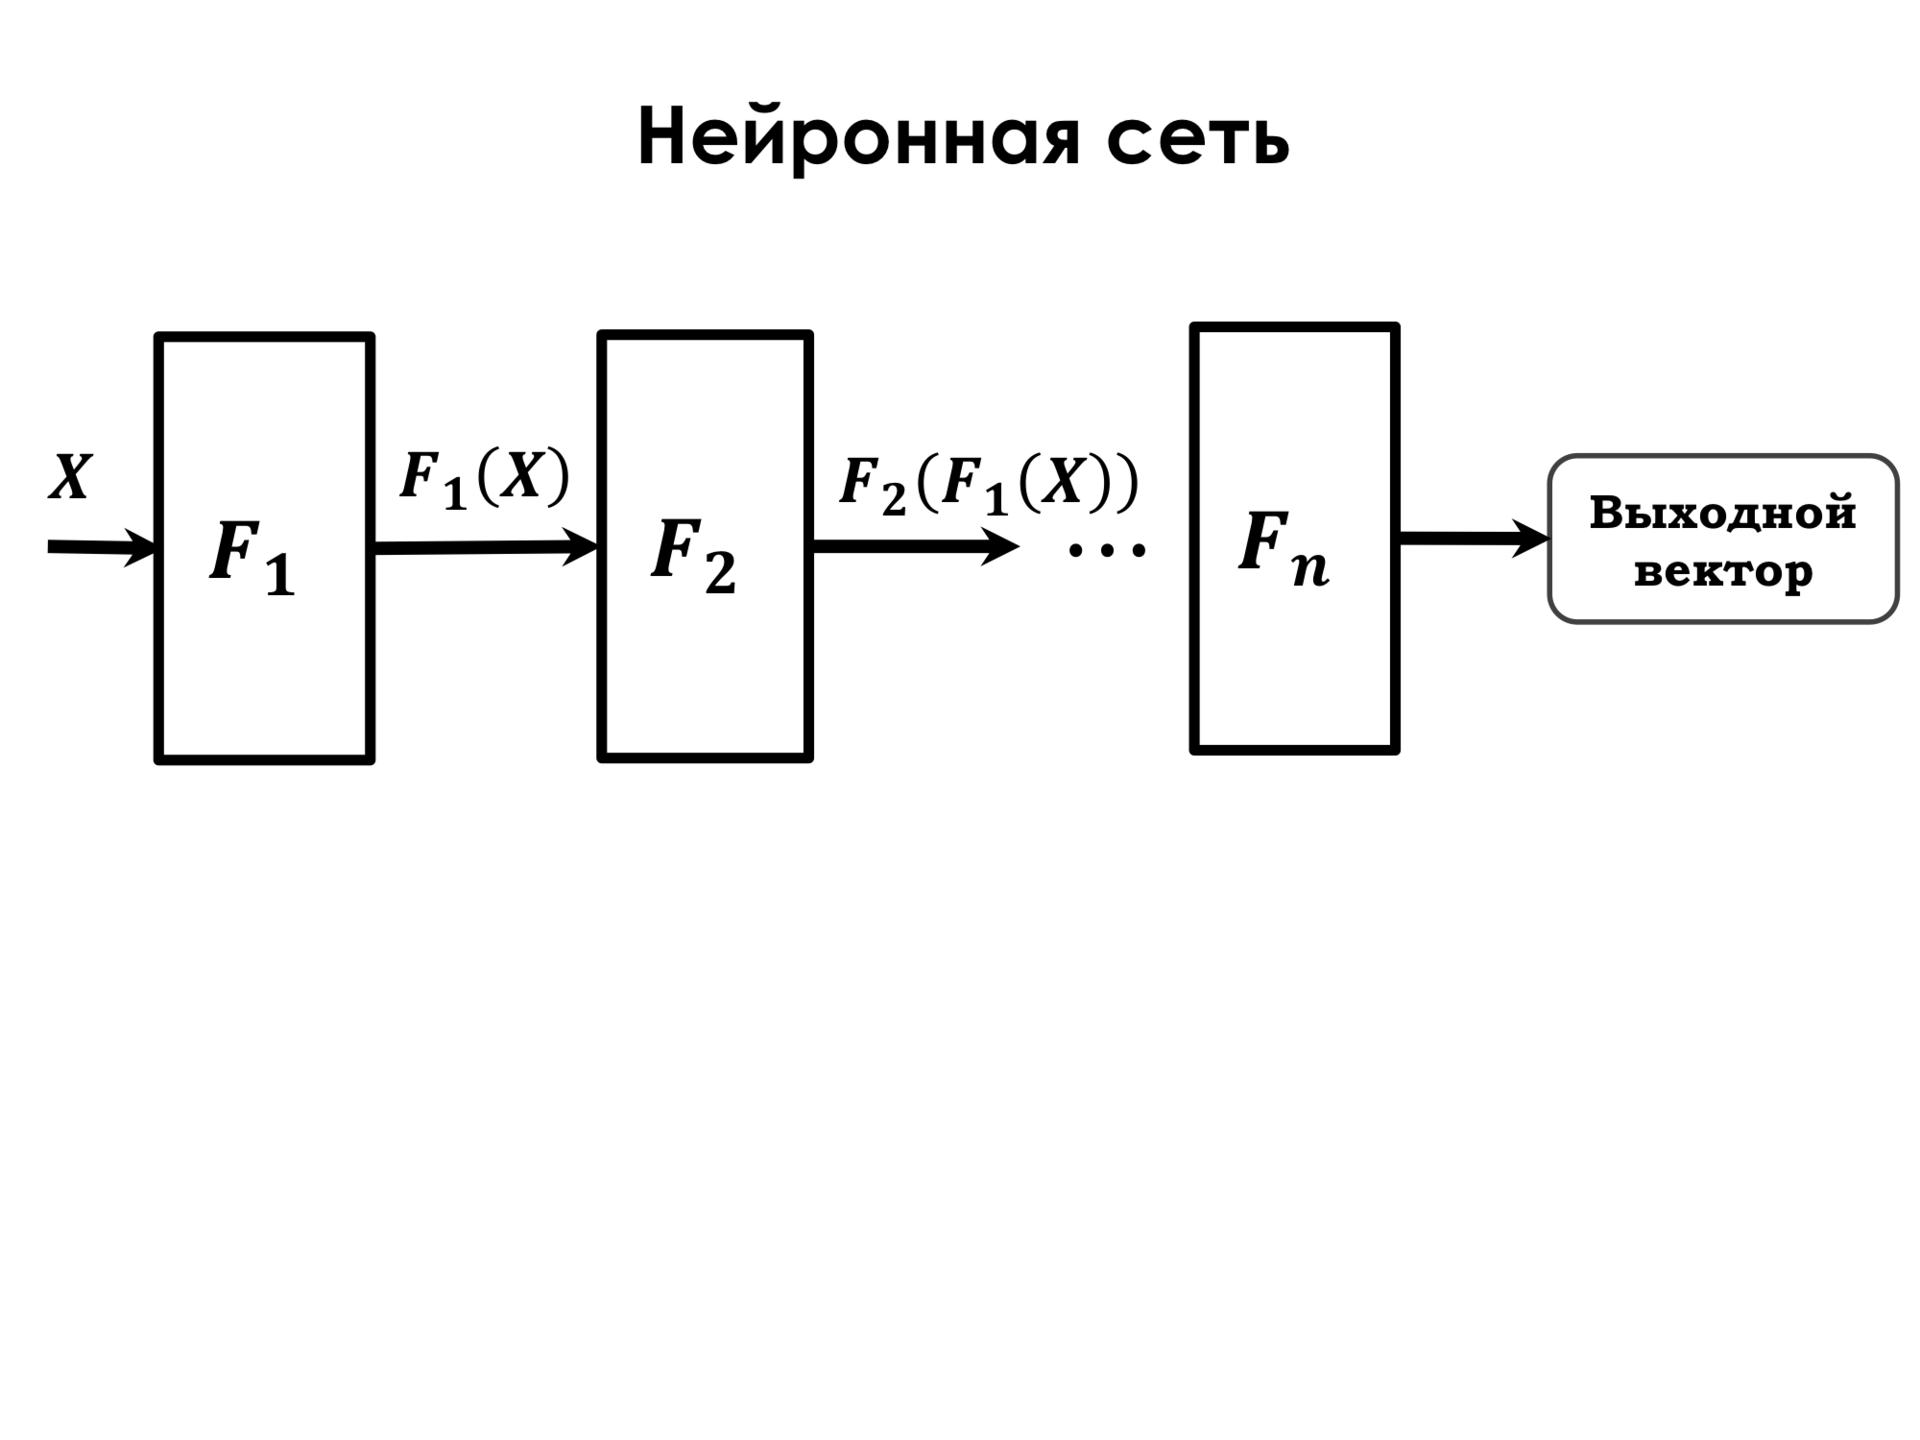 Самое главное о нейронных сетях. Лекция в Яндексе - 12